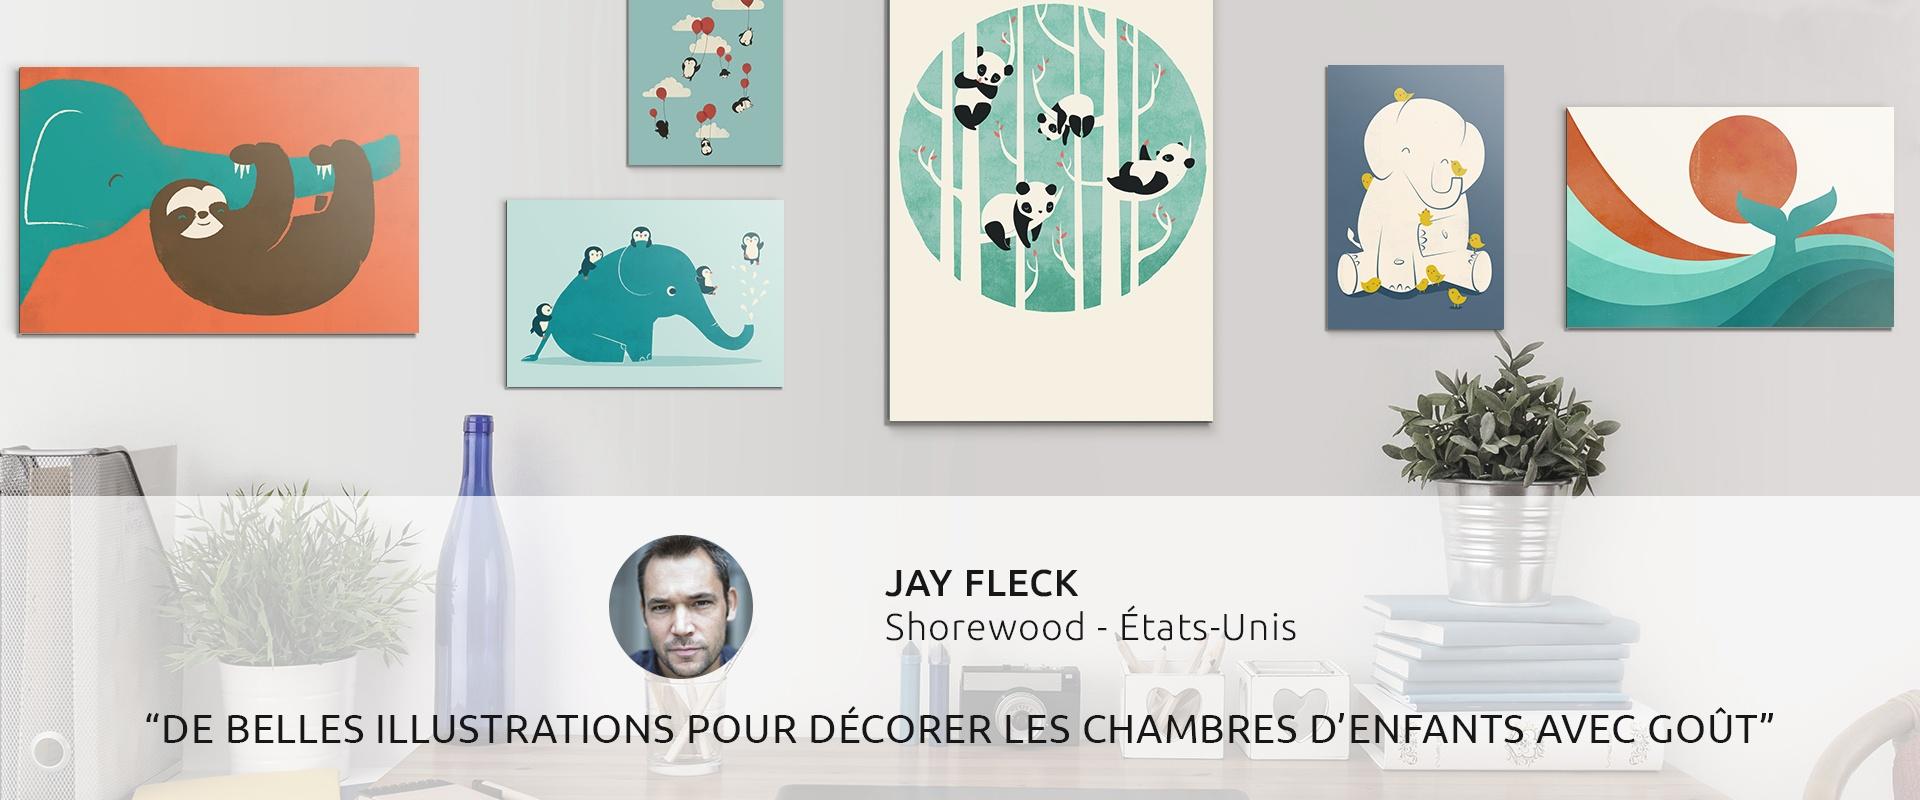 artiste Jay Fleck